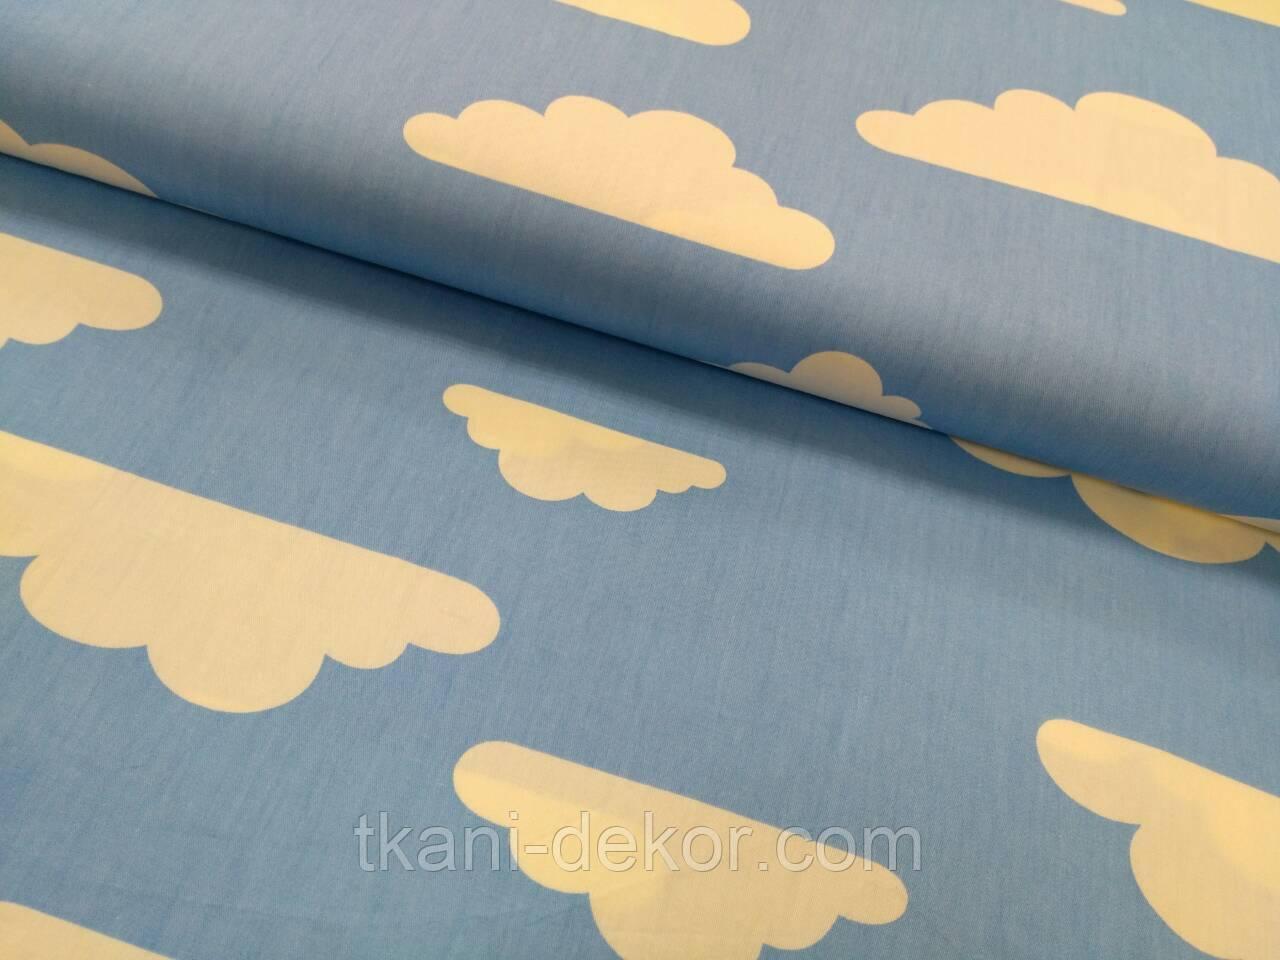 Сатин (хлопковая ткань) на голубом фоне белые тучки (мелкие точки изредка по ткани)